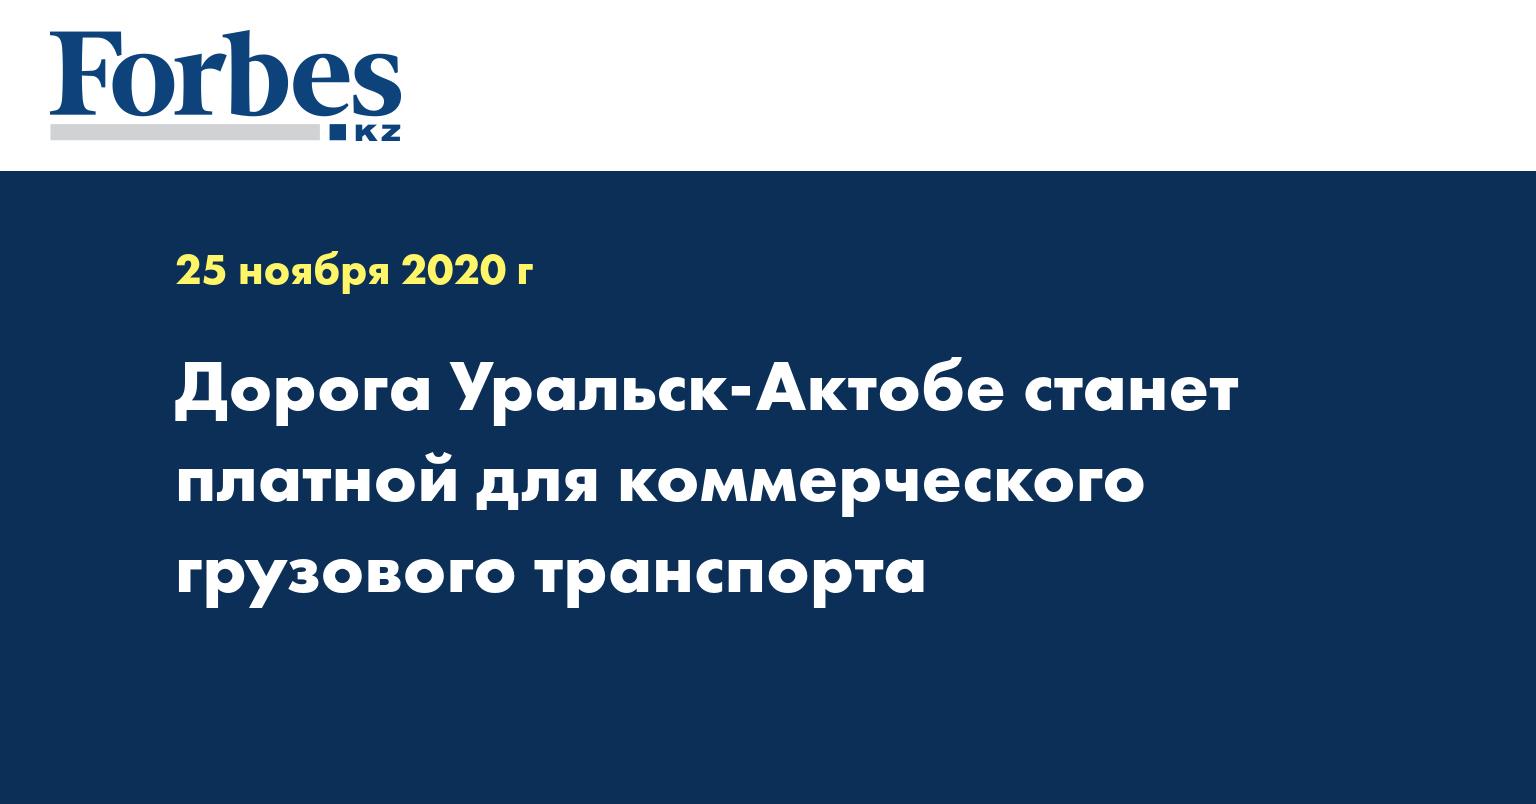 Дорога Уральск-Актобе станет платной для коммерческого грузового транспорта